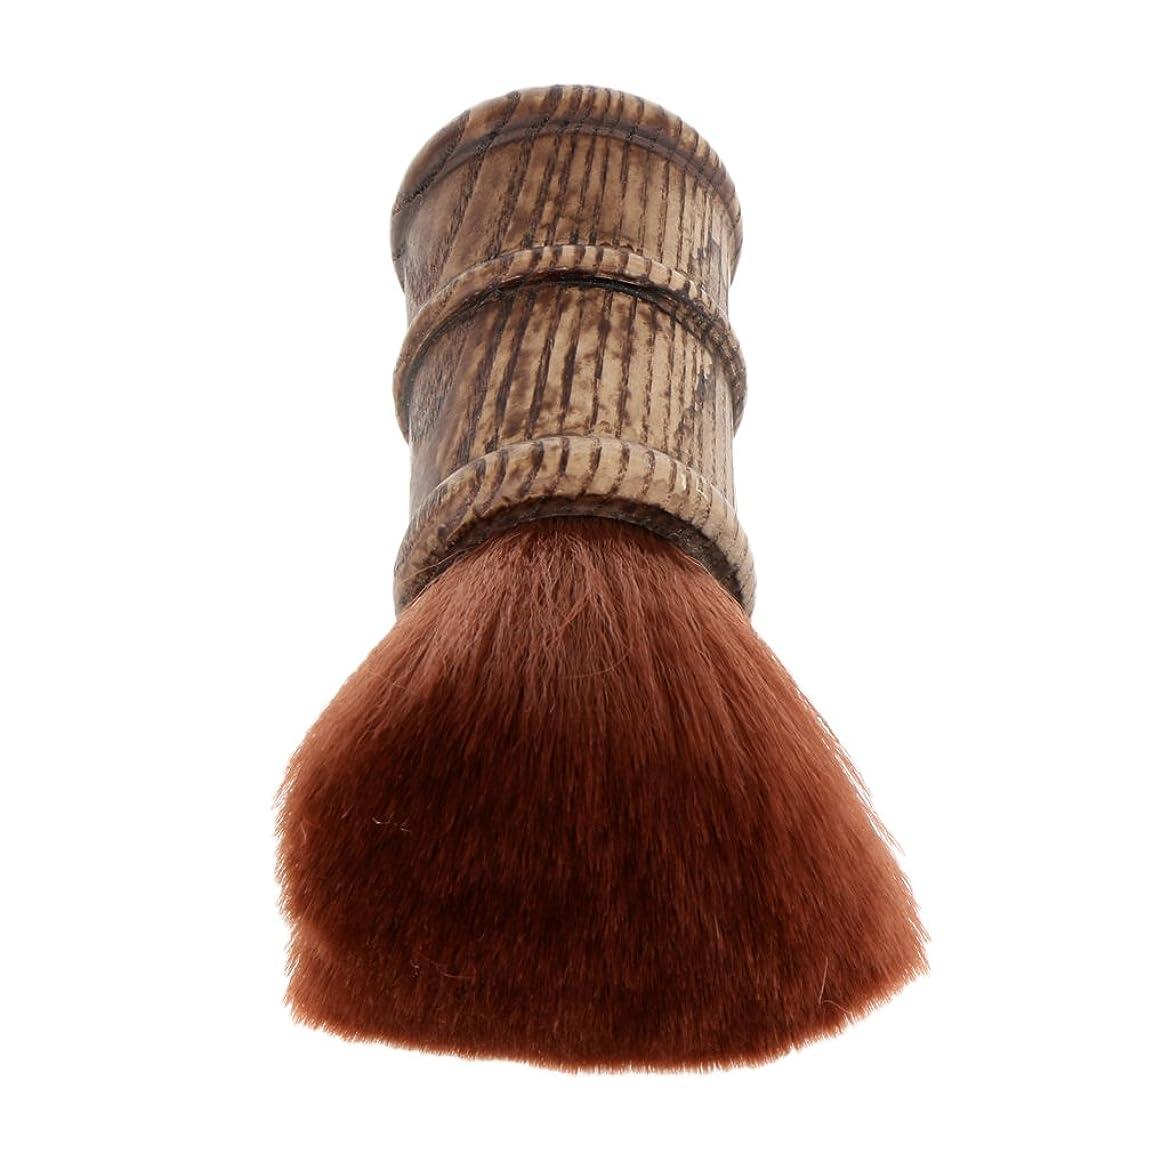 きらめく素晴らしき承認Blesiya ネックダスターブラシ ヘアカットブラシ ブラシ プロ サロン 柔らかい 自宅用 ヘアスタイリスト ヘアカット 散髪 理髪師 2色選べる - 褐色